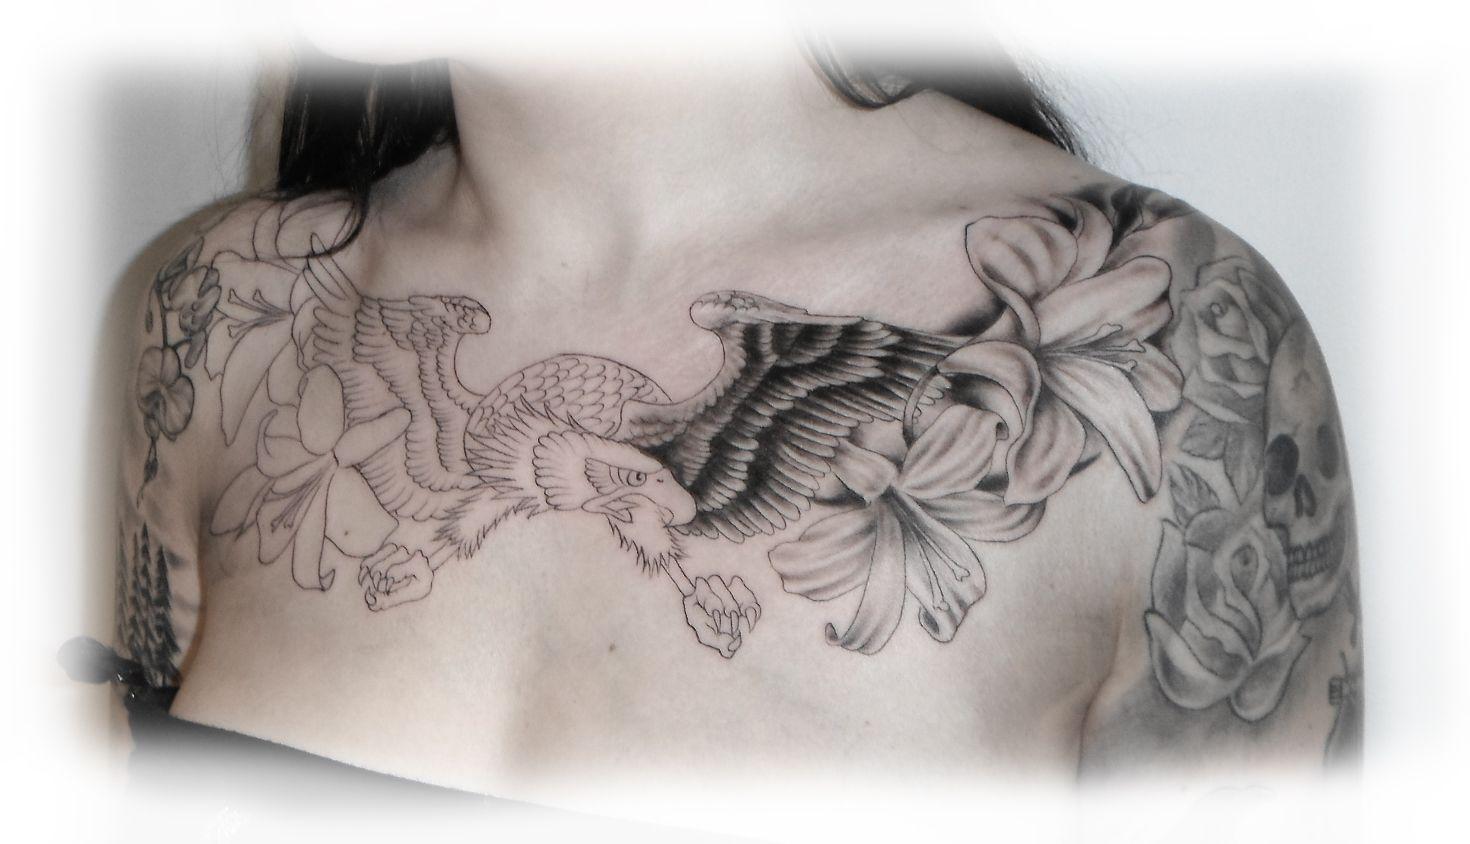 Small Chest Tattoos For Women Idag började jag på Malins